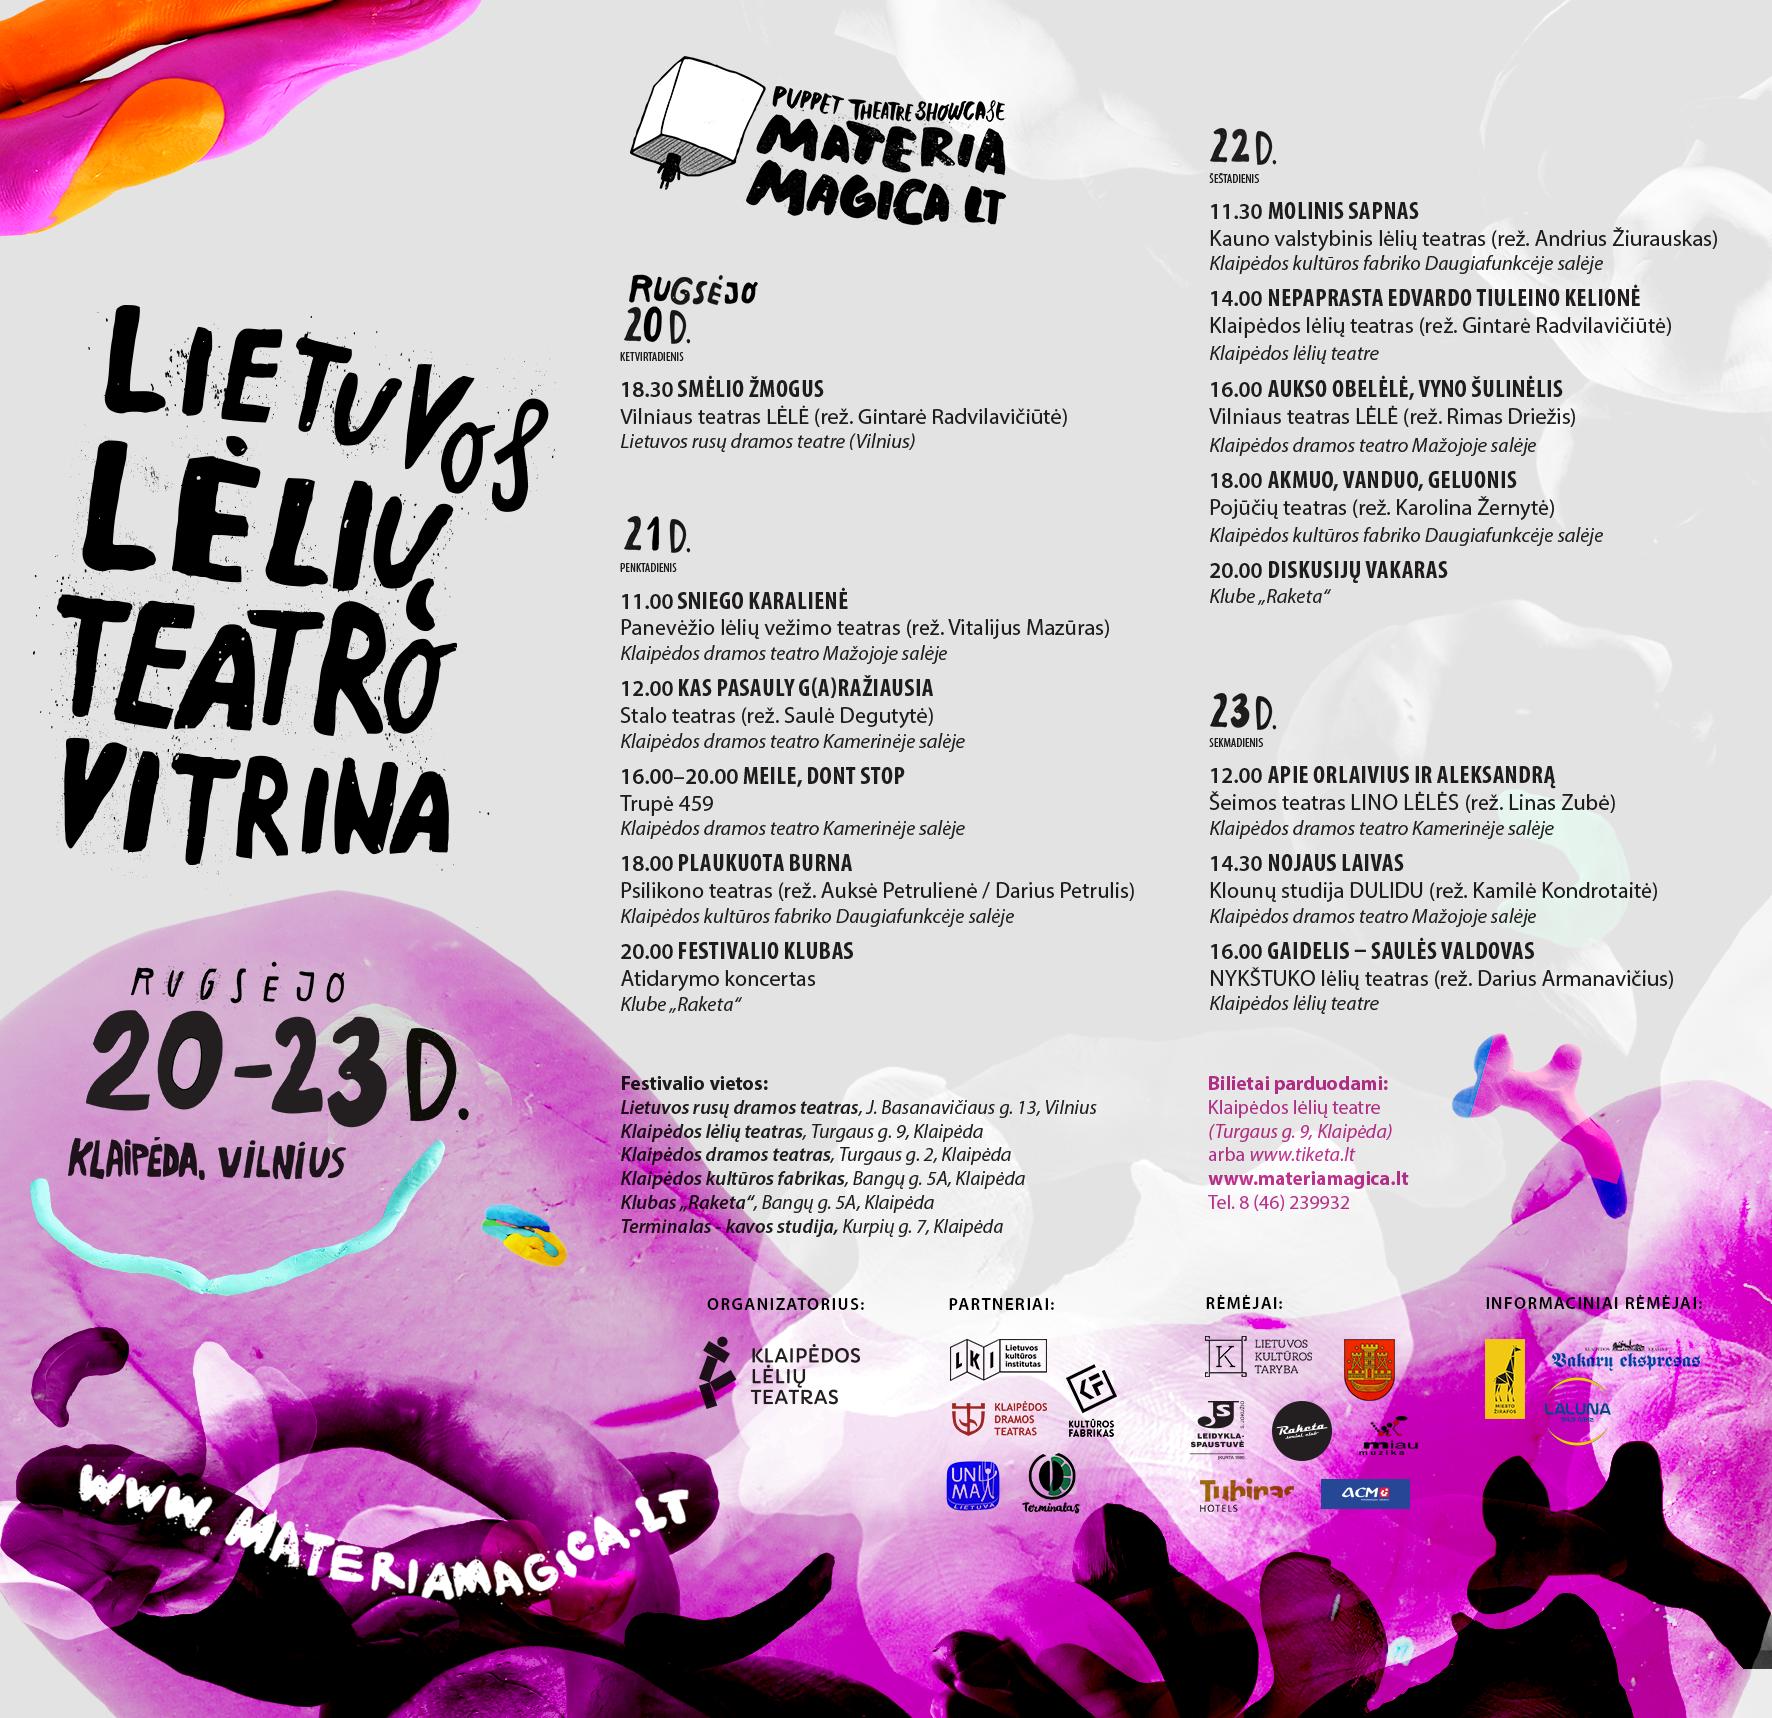 Materia Magica programa | Klaipėdos lėlių teatro nuotr.